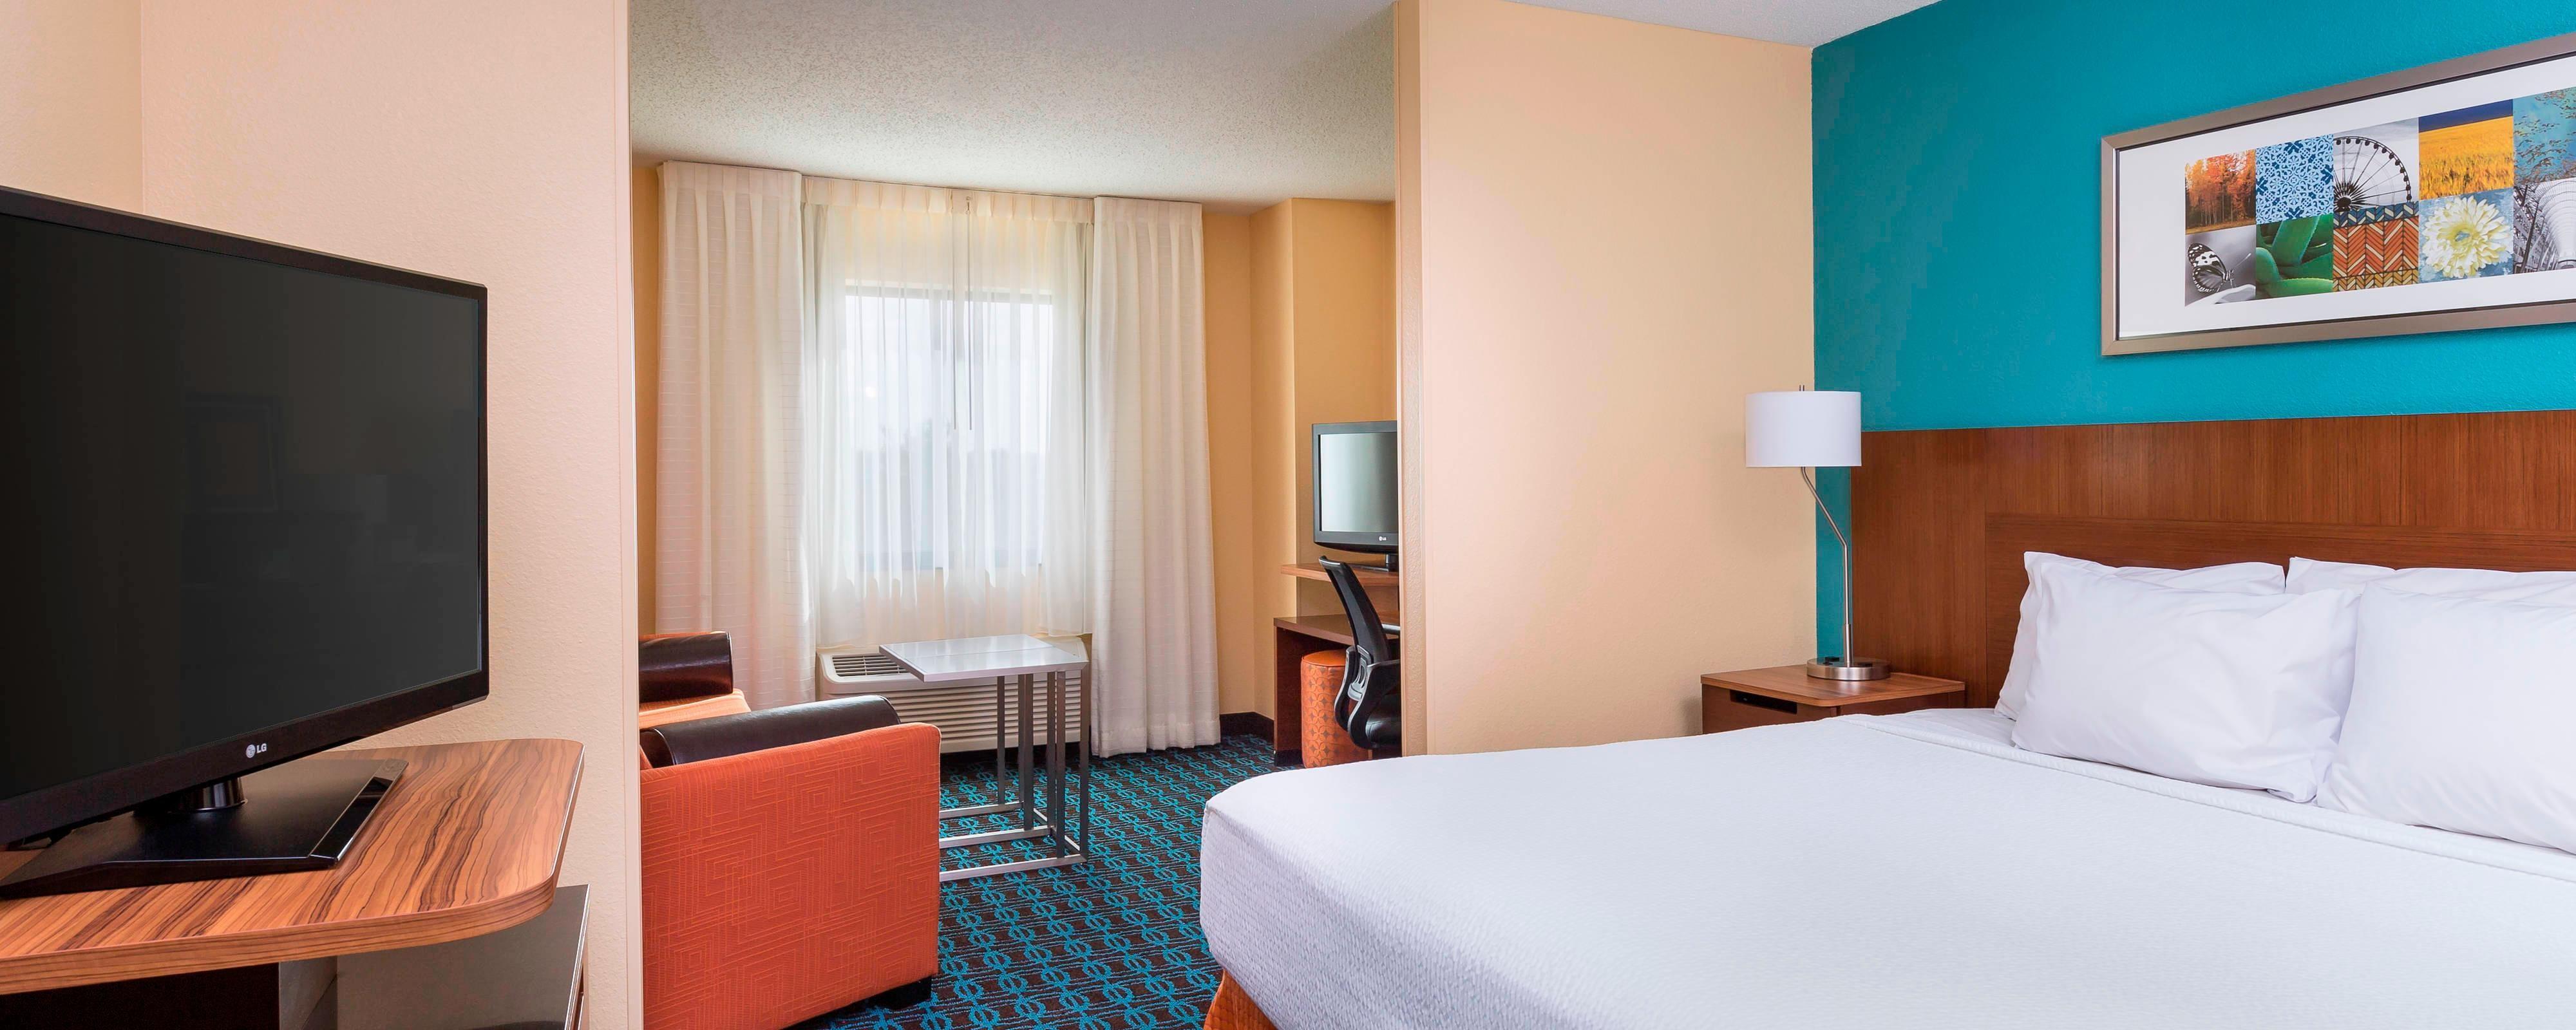 Suite del hotel de Galesburg, IL